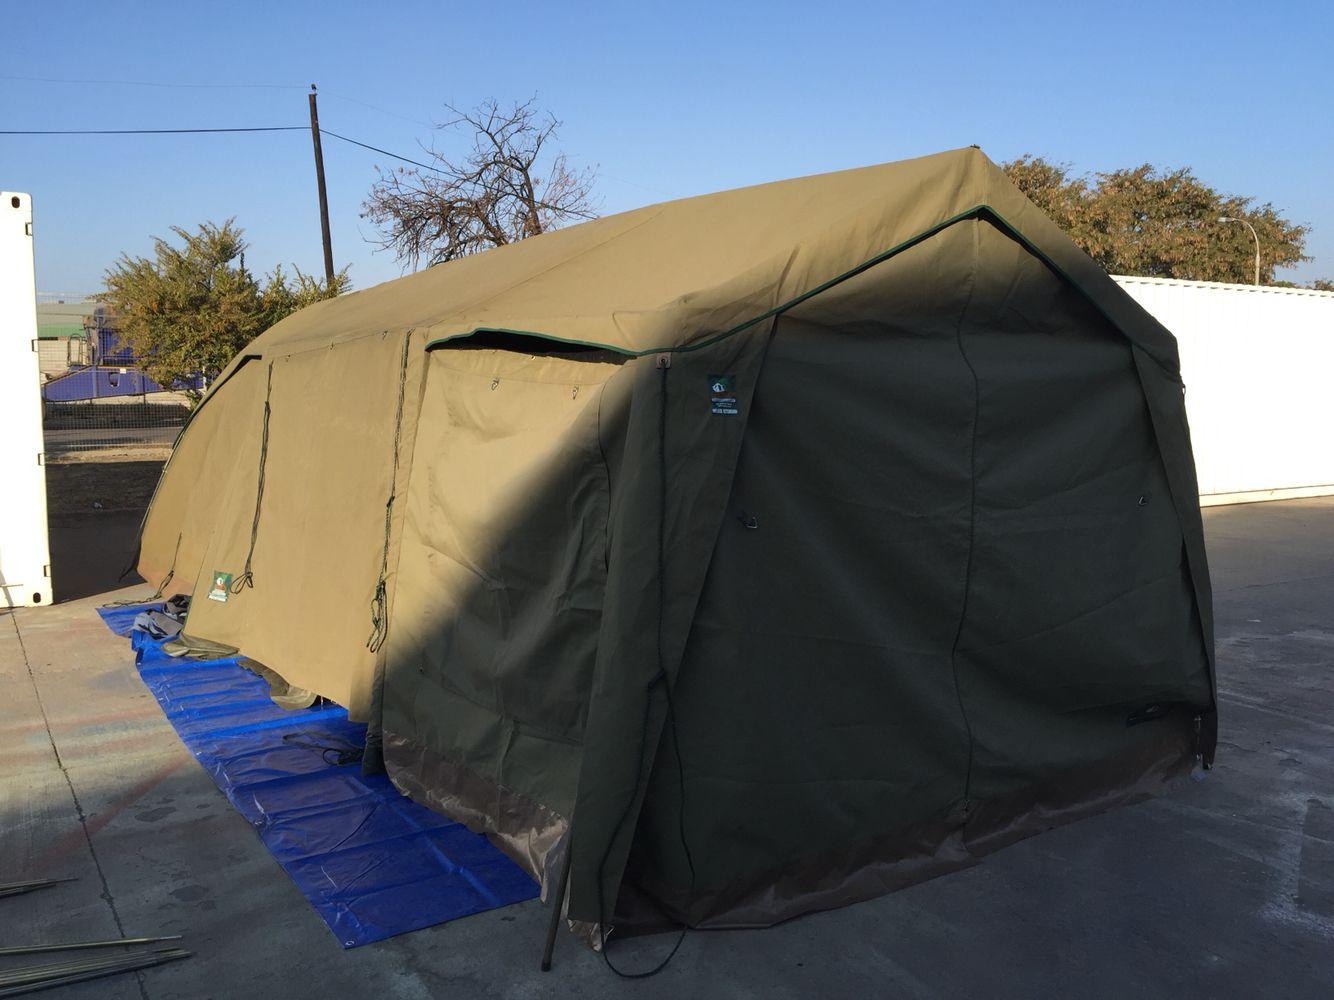 Tentco tent & Tentco tent | Camping | Pinterest | Tents and Camping